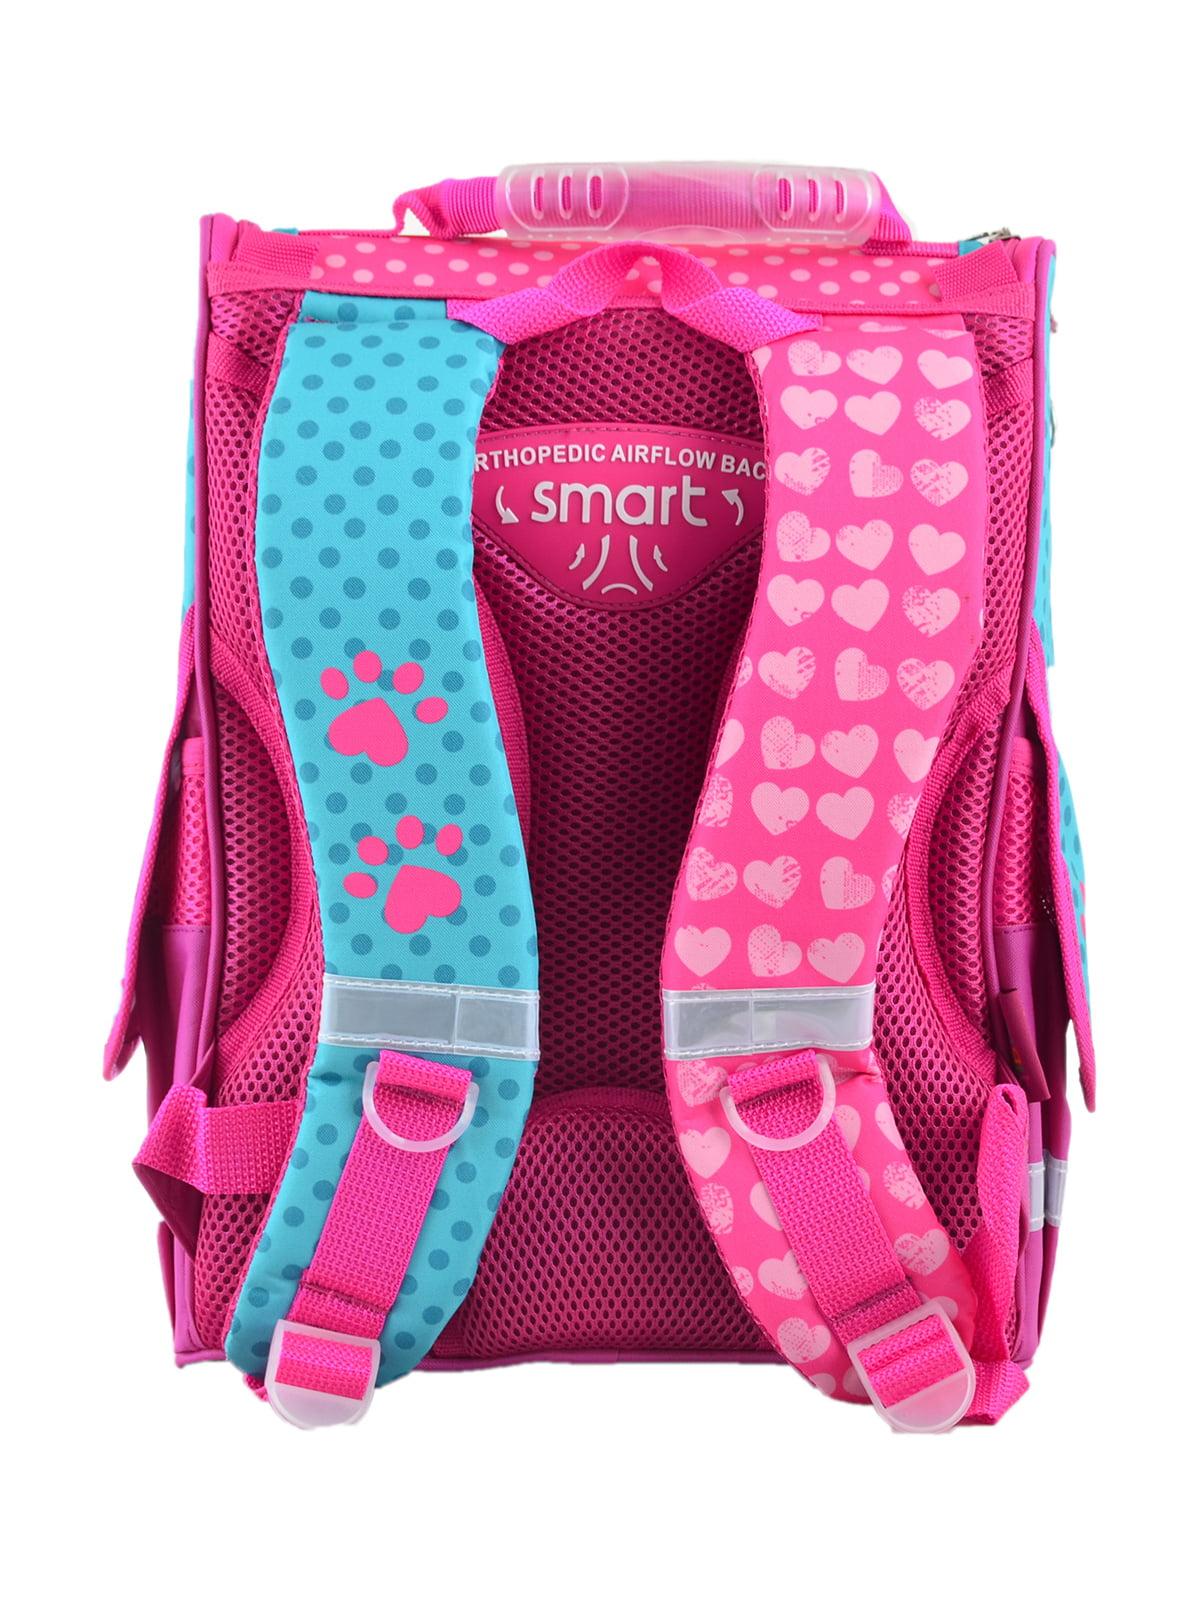 Рюкзак рожевий з принтом | 4235635 | фото 3